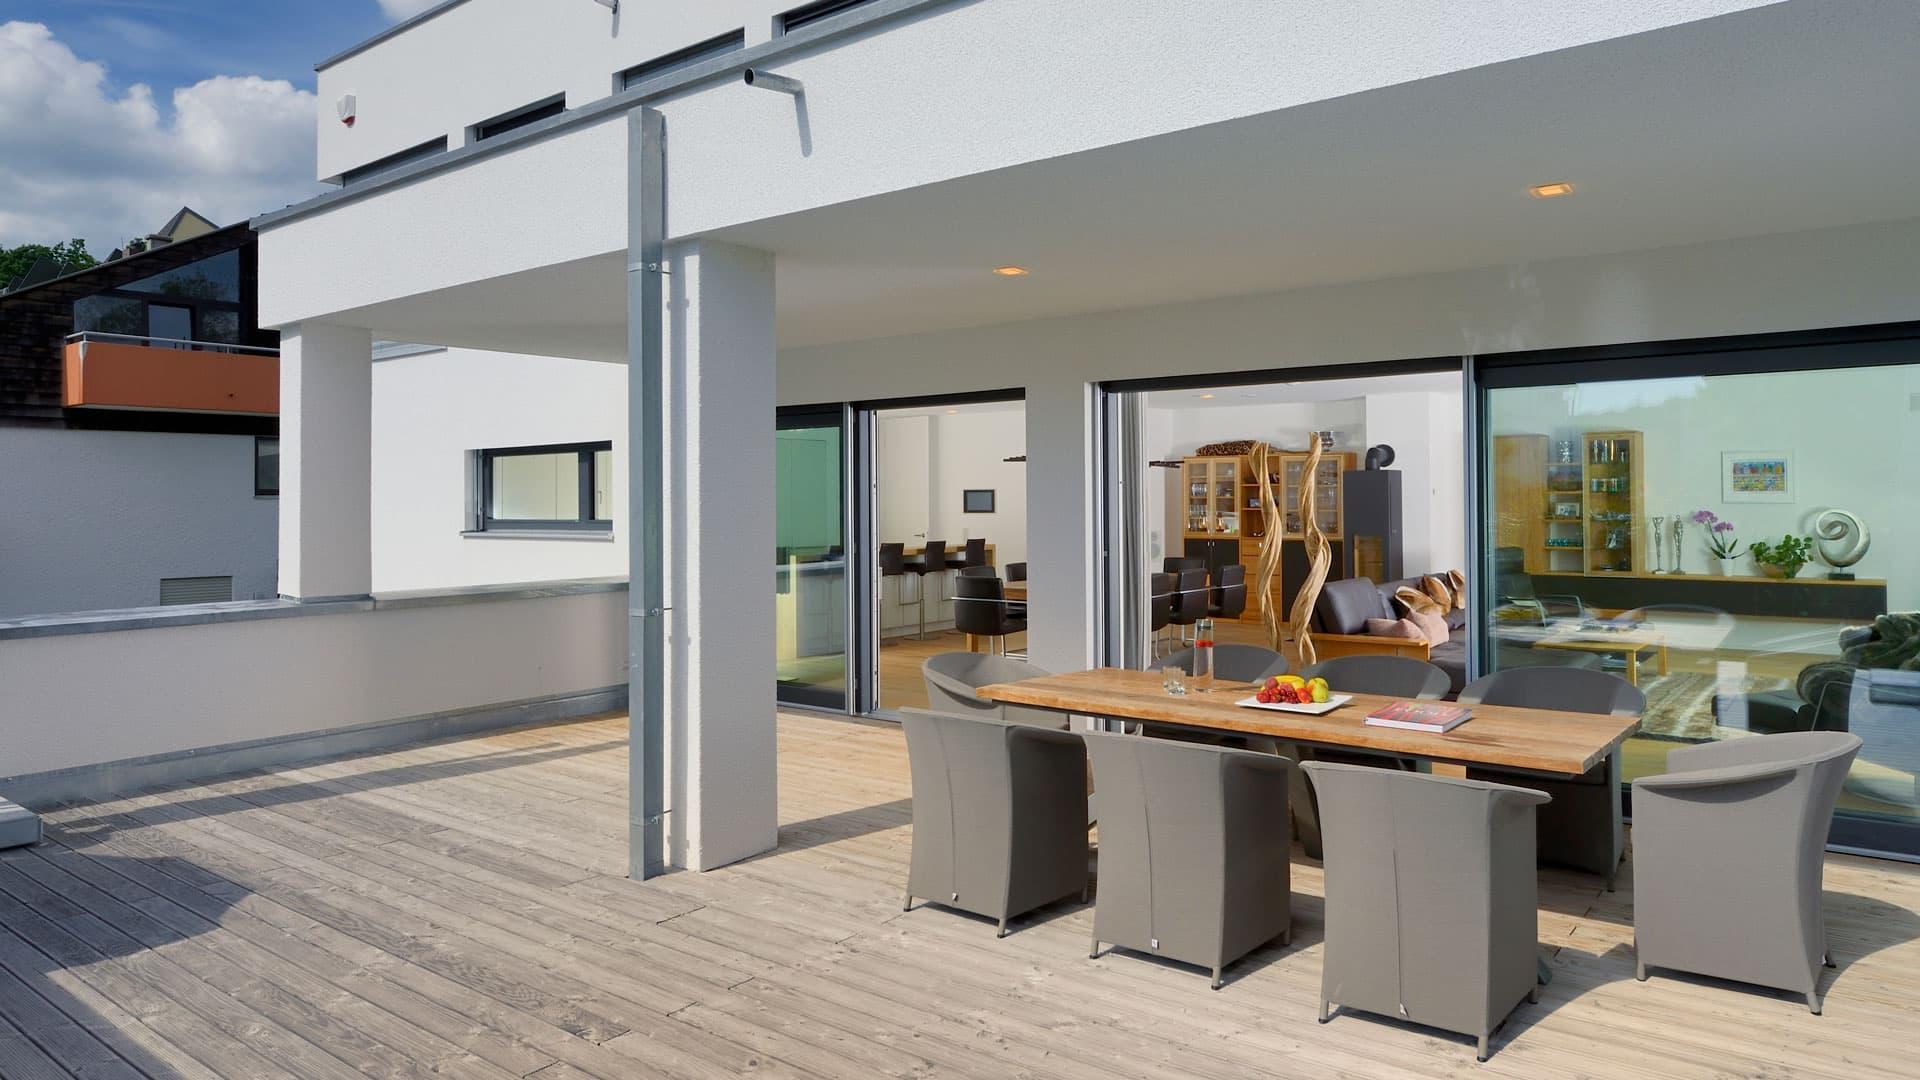 fertighaus weiss haus w nschmann. Black Bedroom Furniture Sets. Home Design Ideas